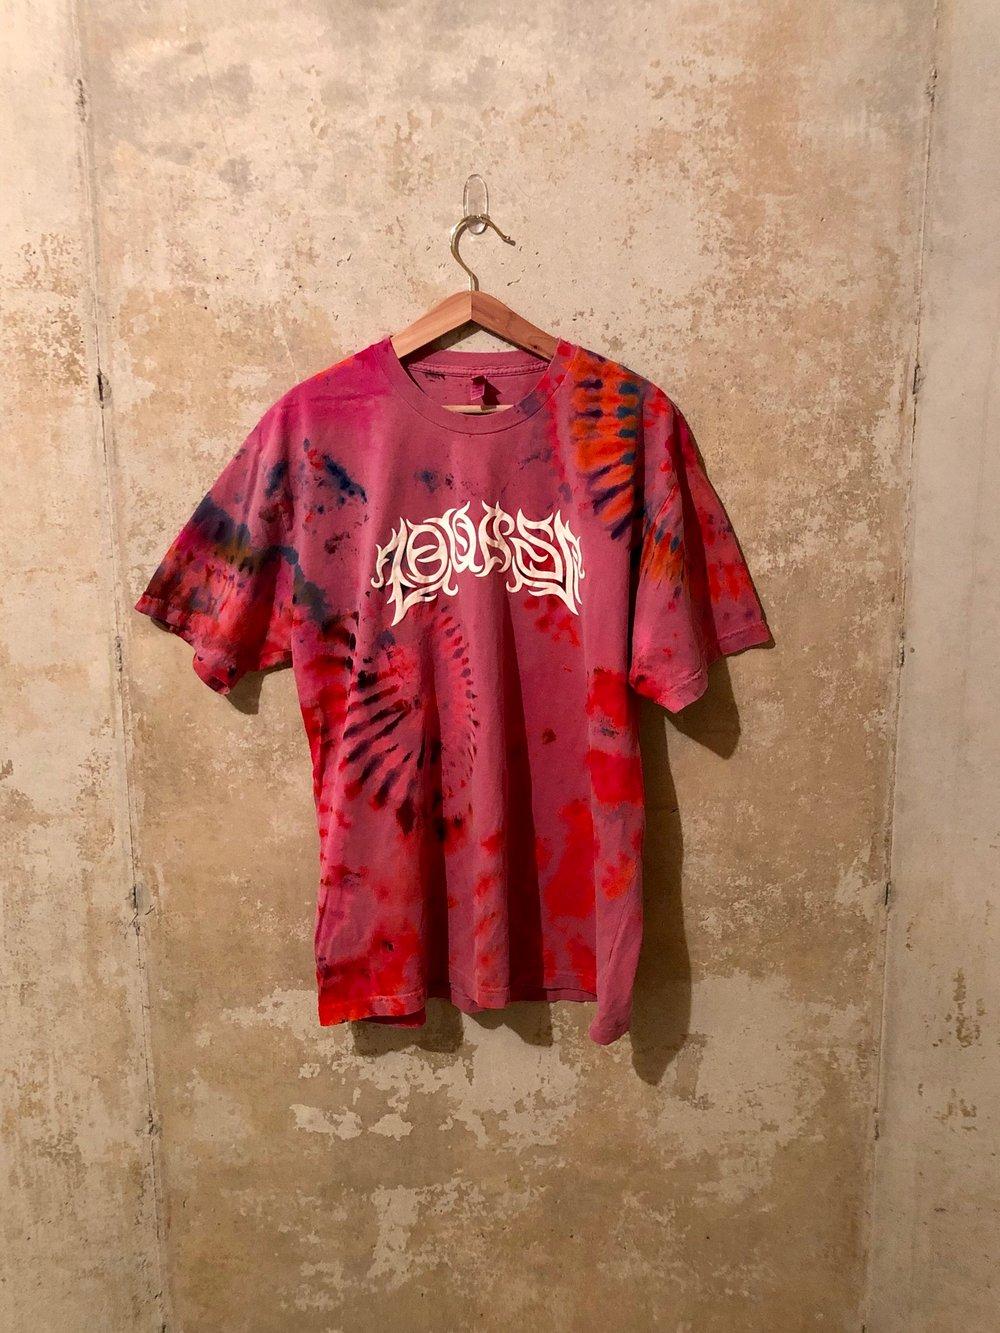 Large Puff Print Tye Dye Shirt #10